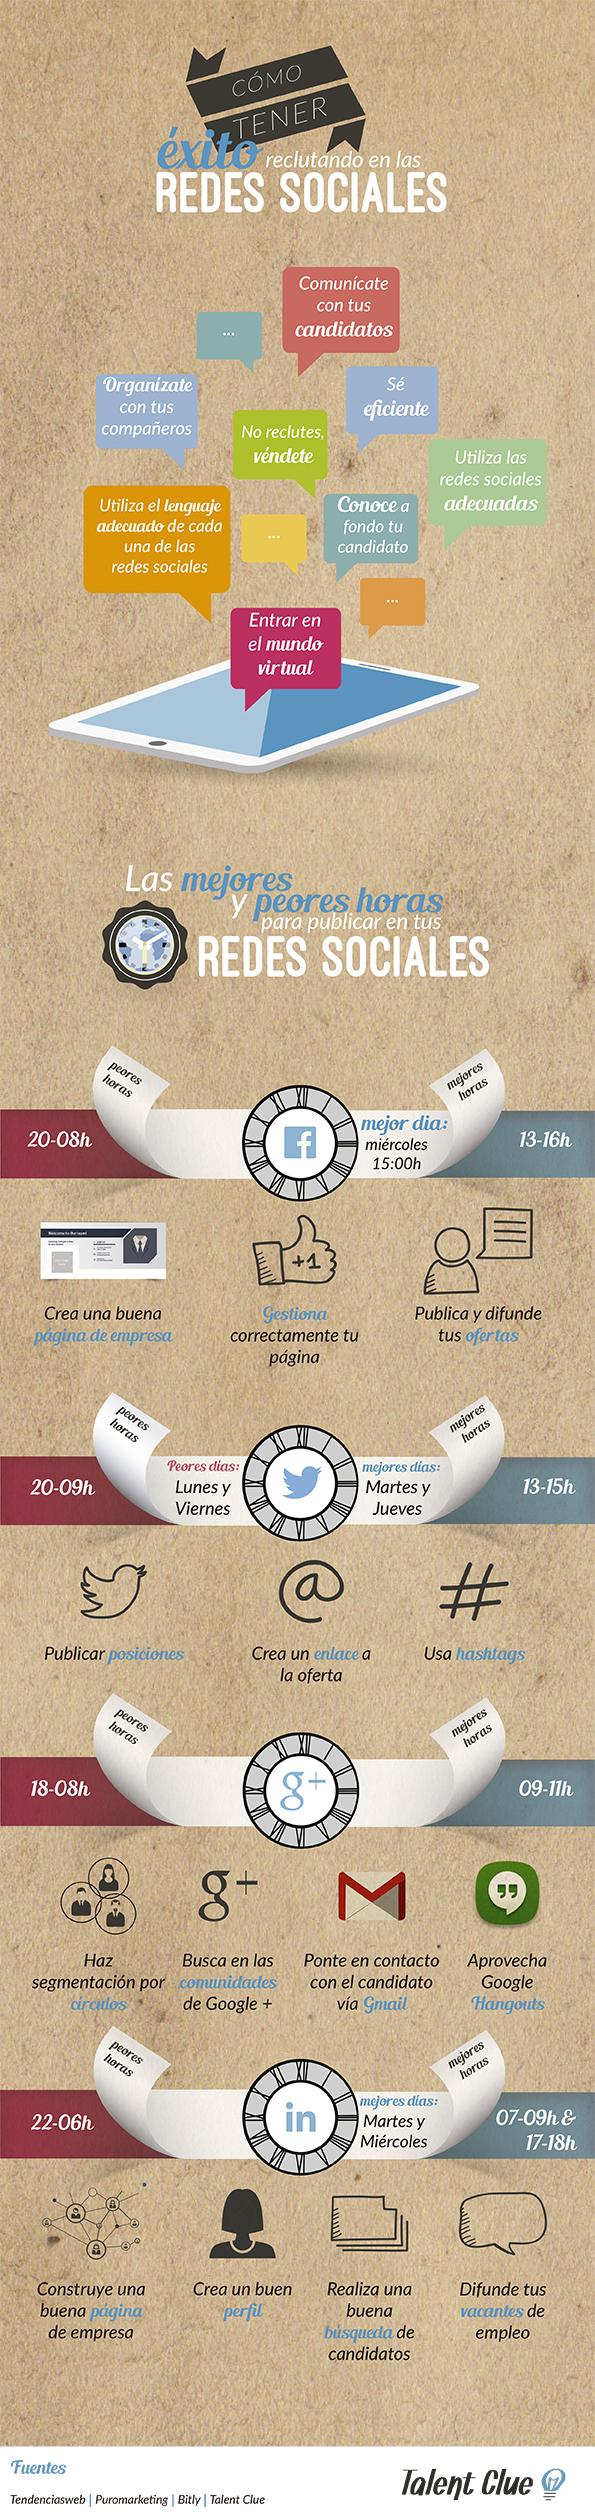 Cómo Tener Éxito Reclutando en las Redes Sociales